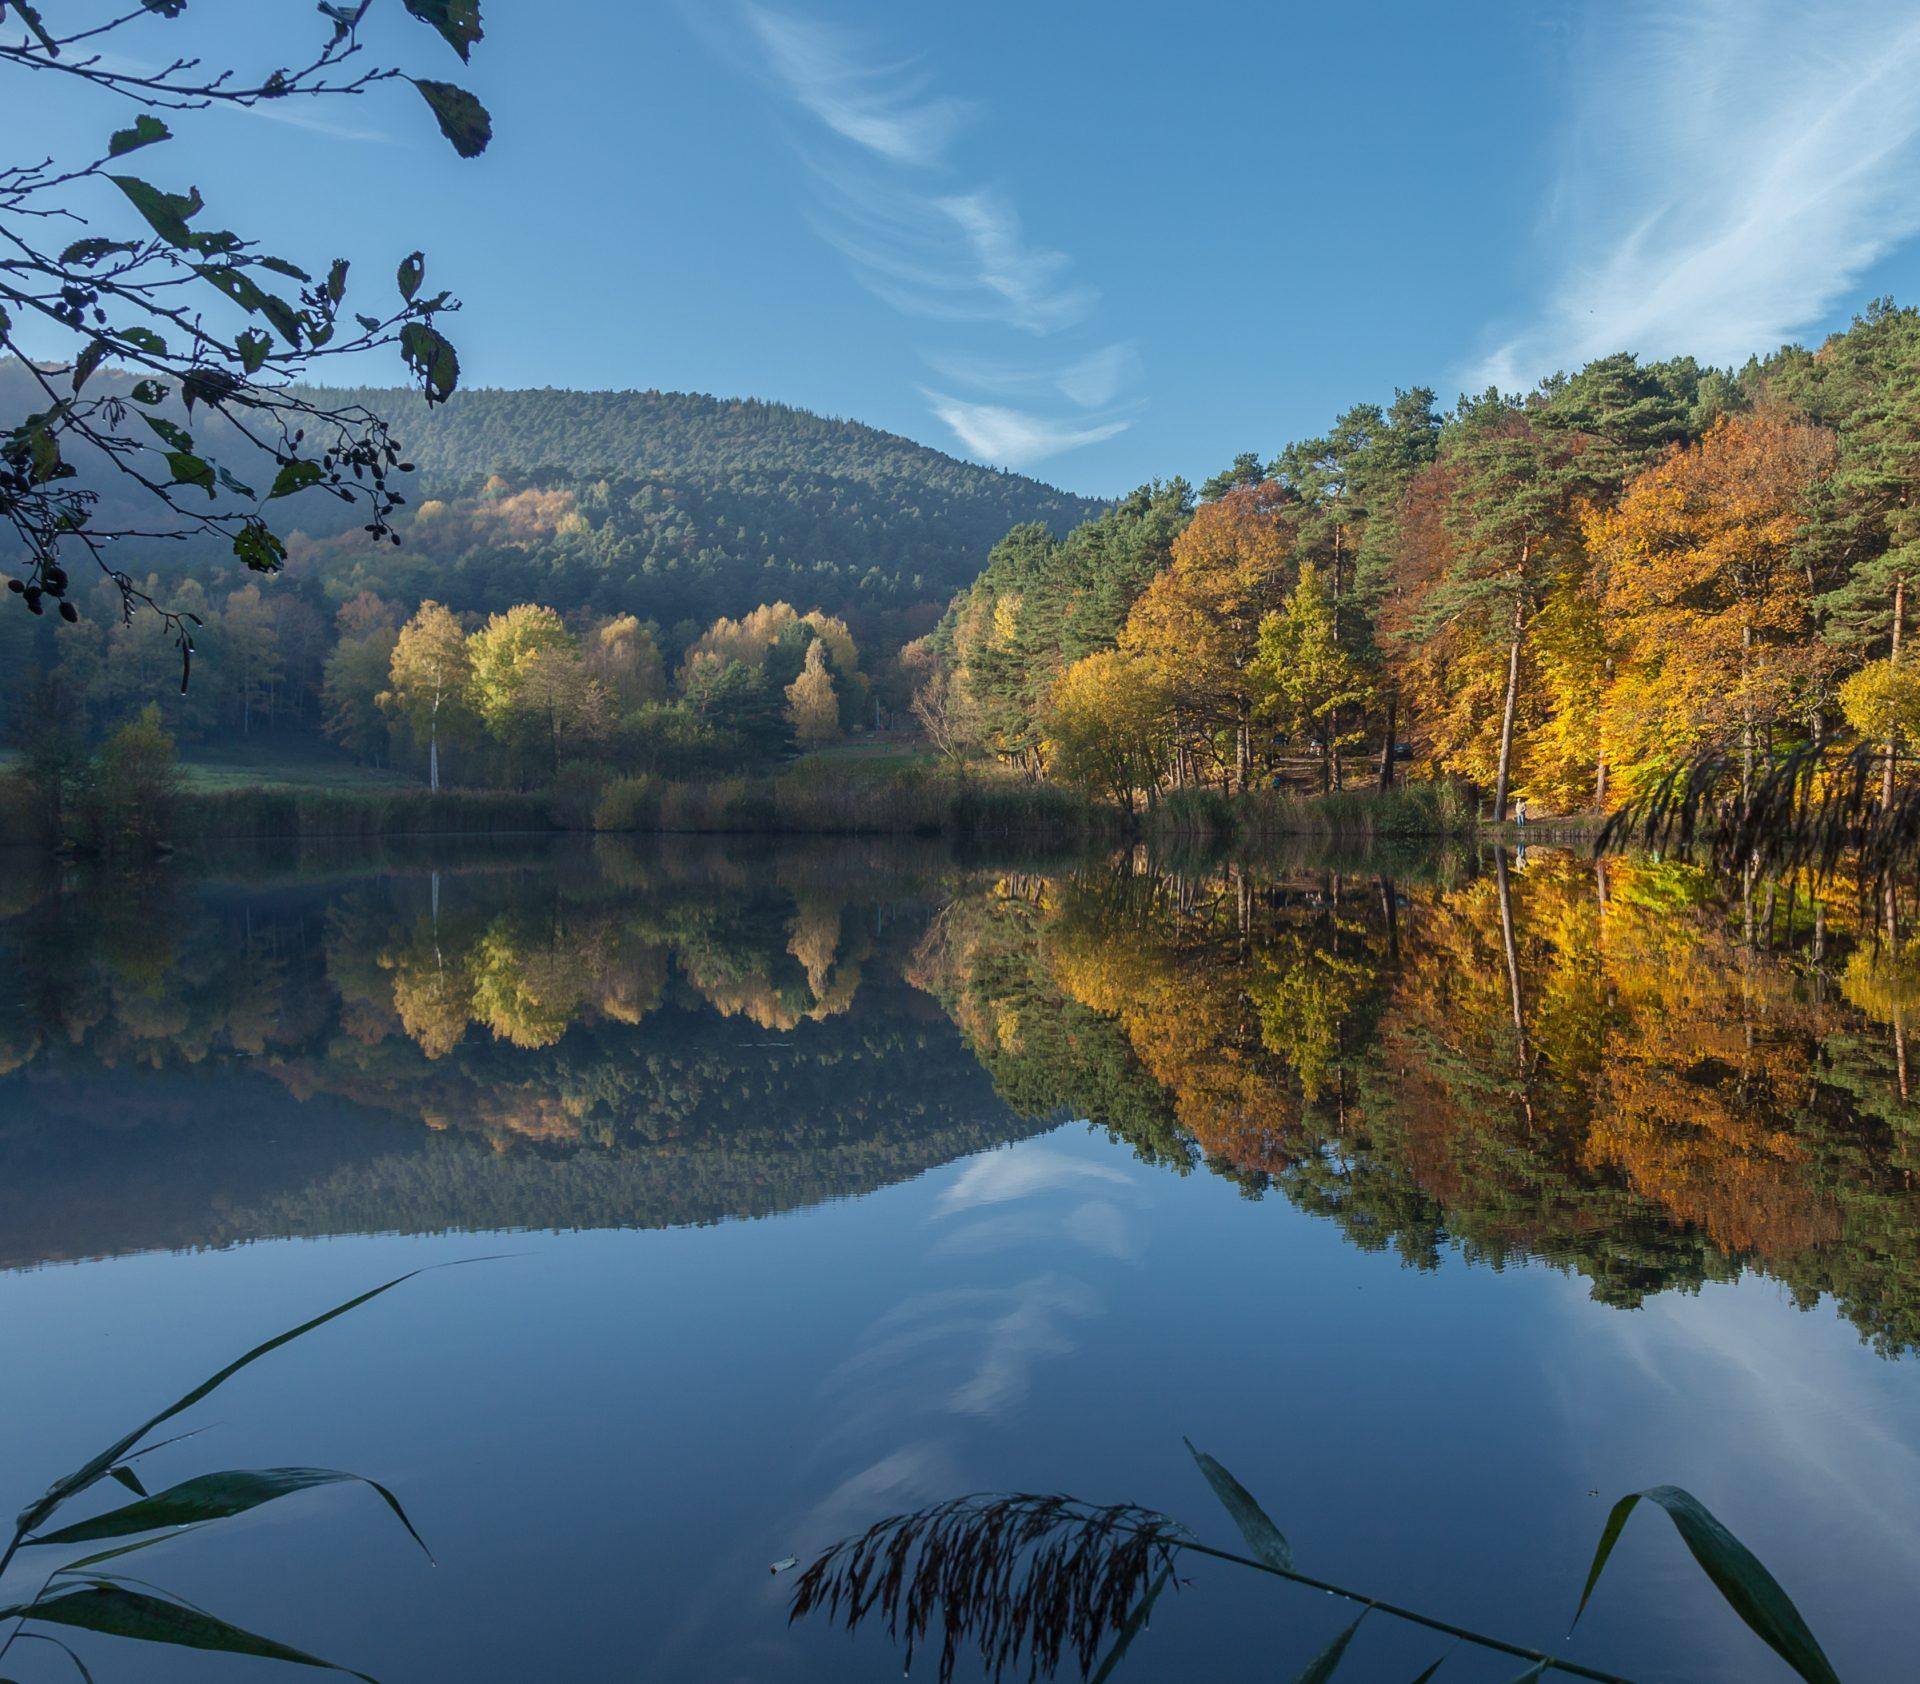 Foto av vy över vattendrag och skogsdunge